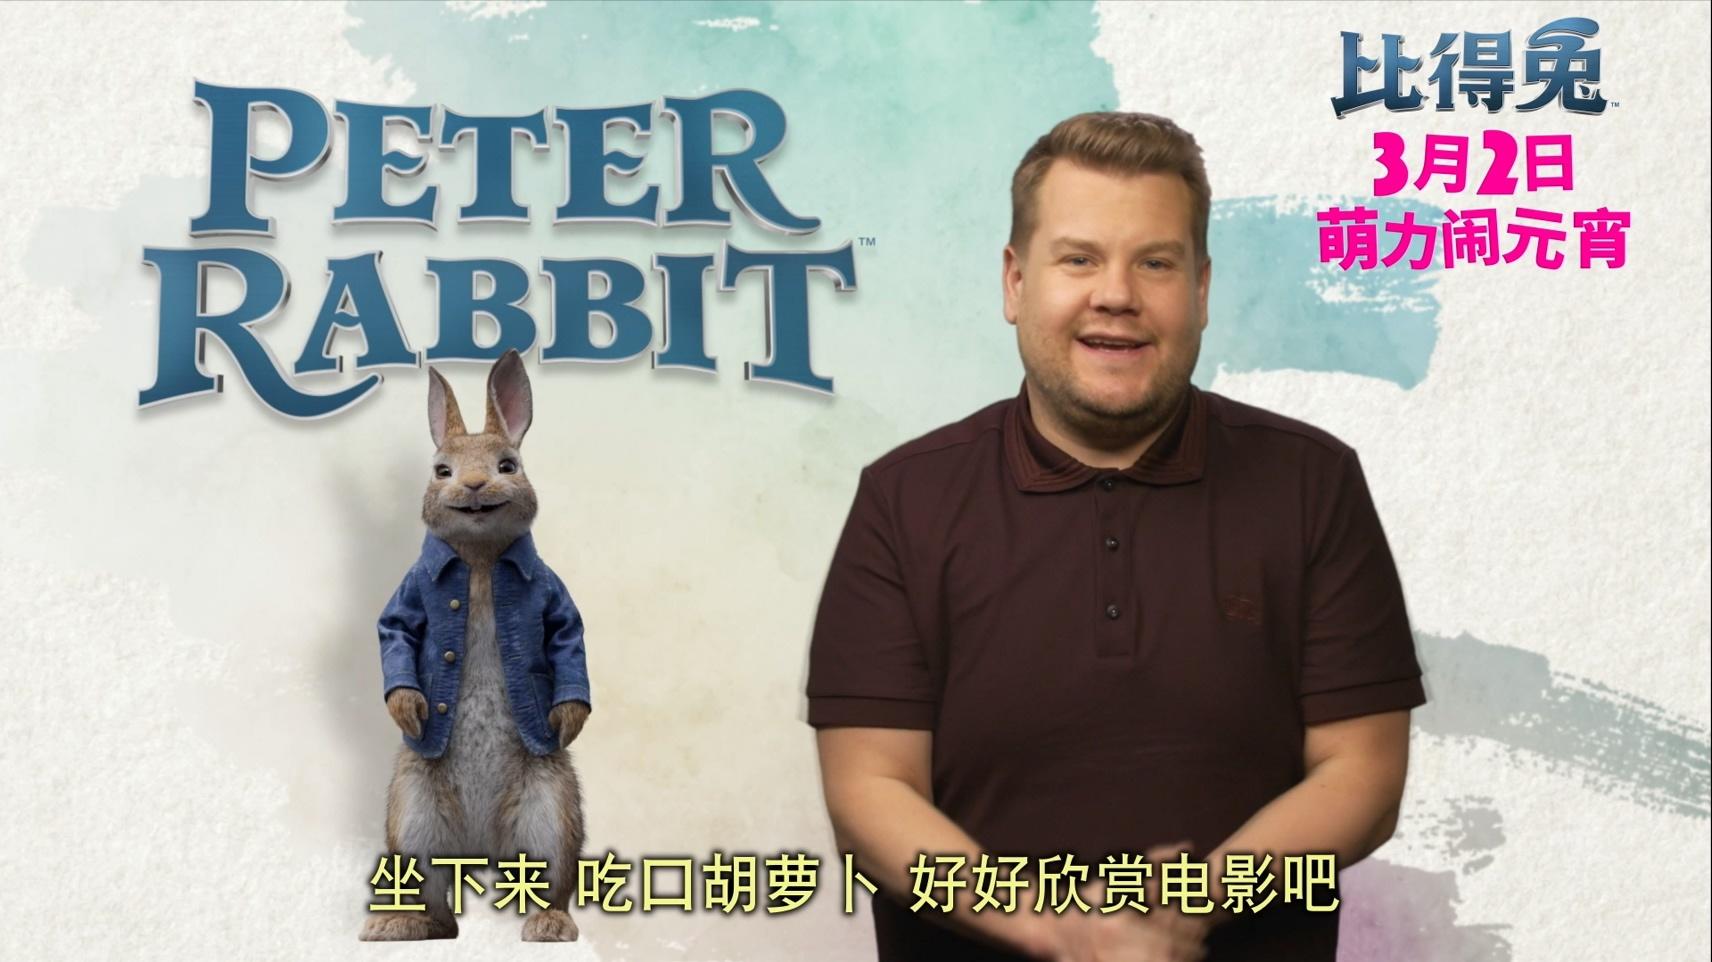 《比得兔》曝口碑视频 吸兔一口竟等于运动一小时